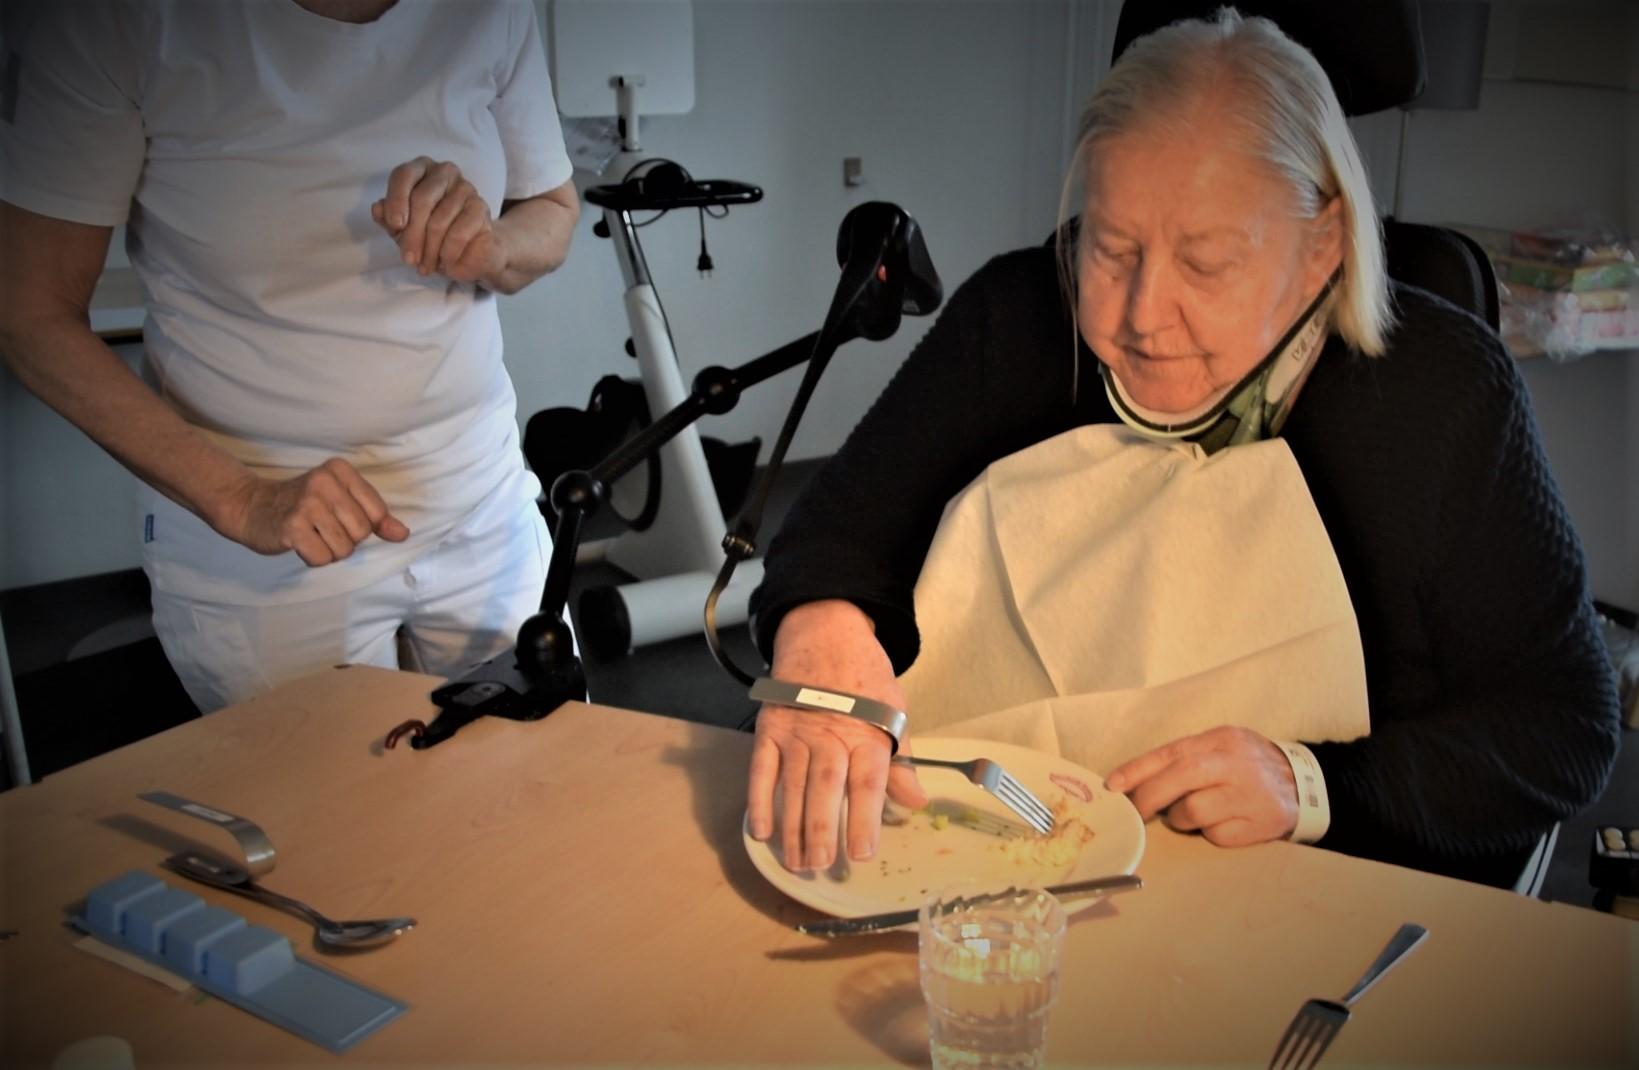 Signe Ilsøe er gået fra ikke at kunne spise uden støtte til at kunne spise selv med hjælp fra armstøtten Dowing. Det samme er tilfældet for andre patienter på Afdeling for Rygmarvsskader.